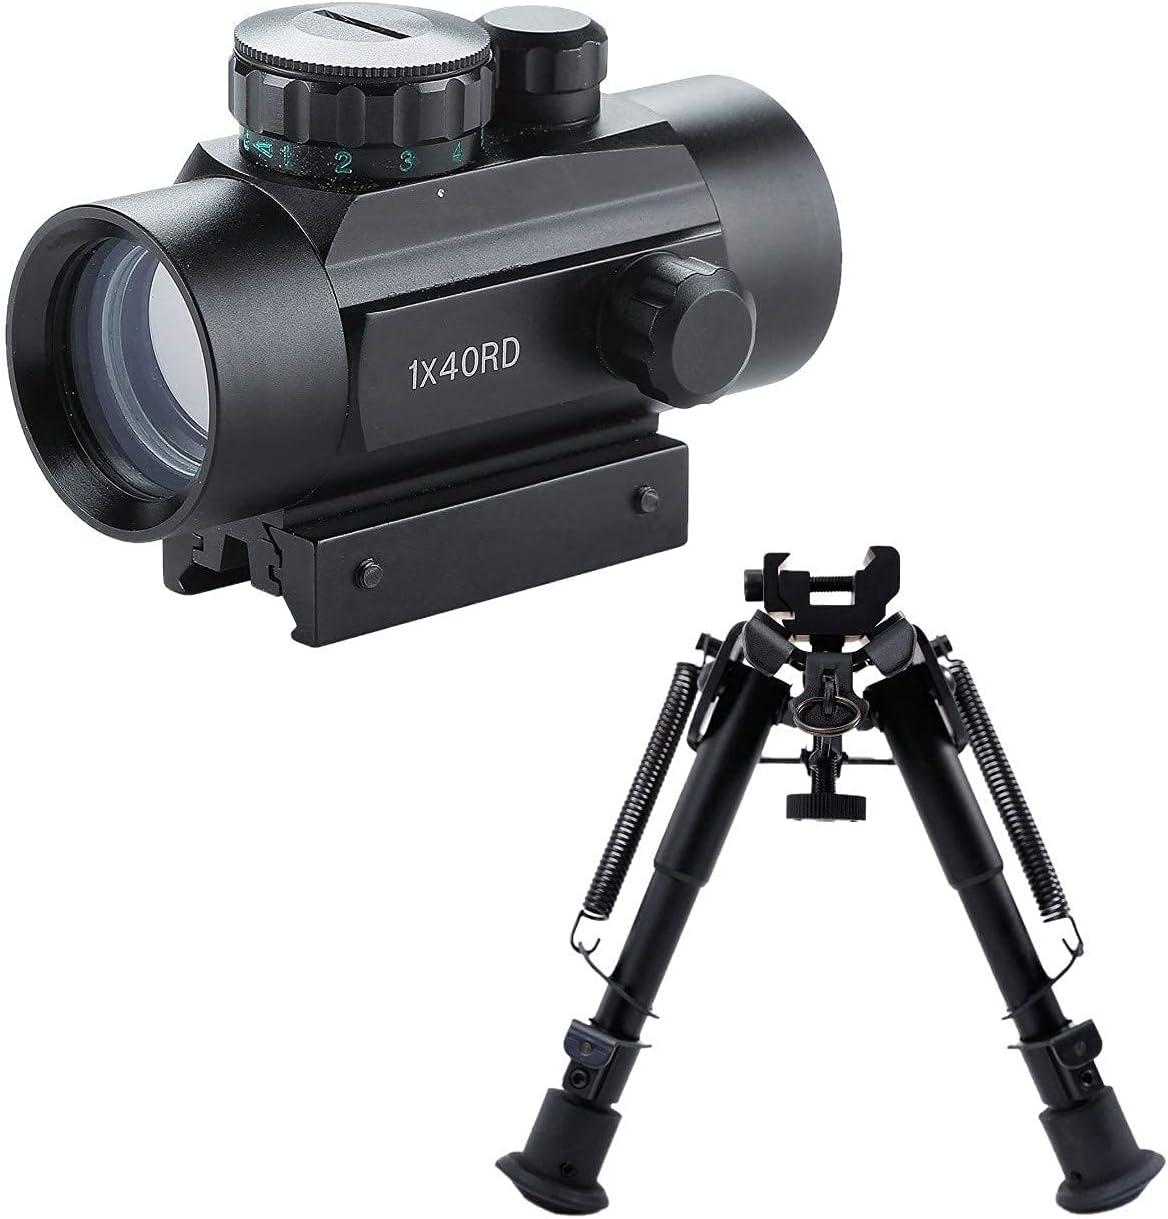 バーゲンセール Pinty Tactical 1x40mm Reflex Red Sight [再販ご予約限定送料無料] Green 6- Riflescope Dot